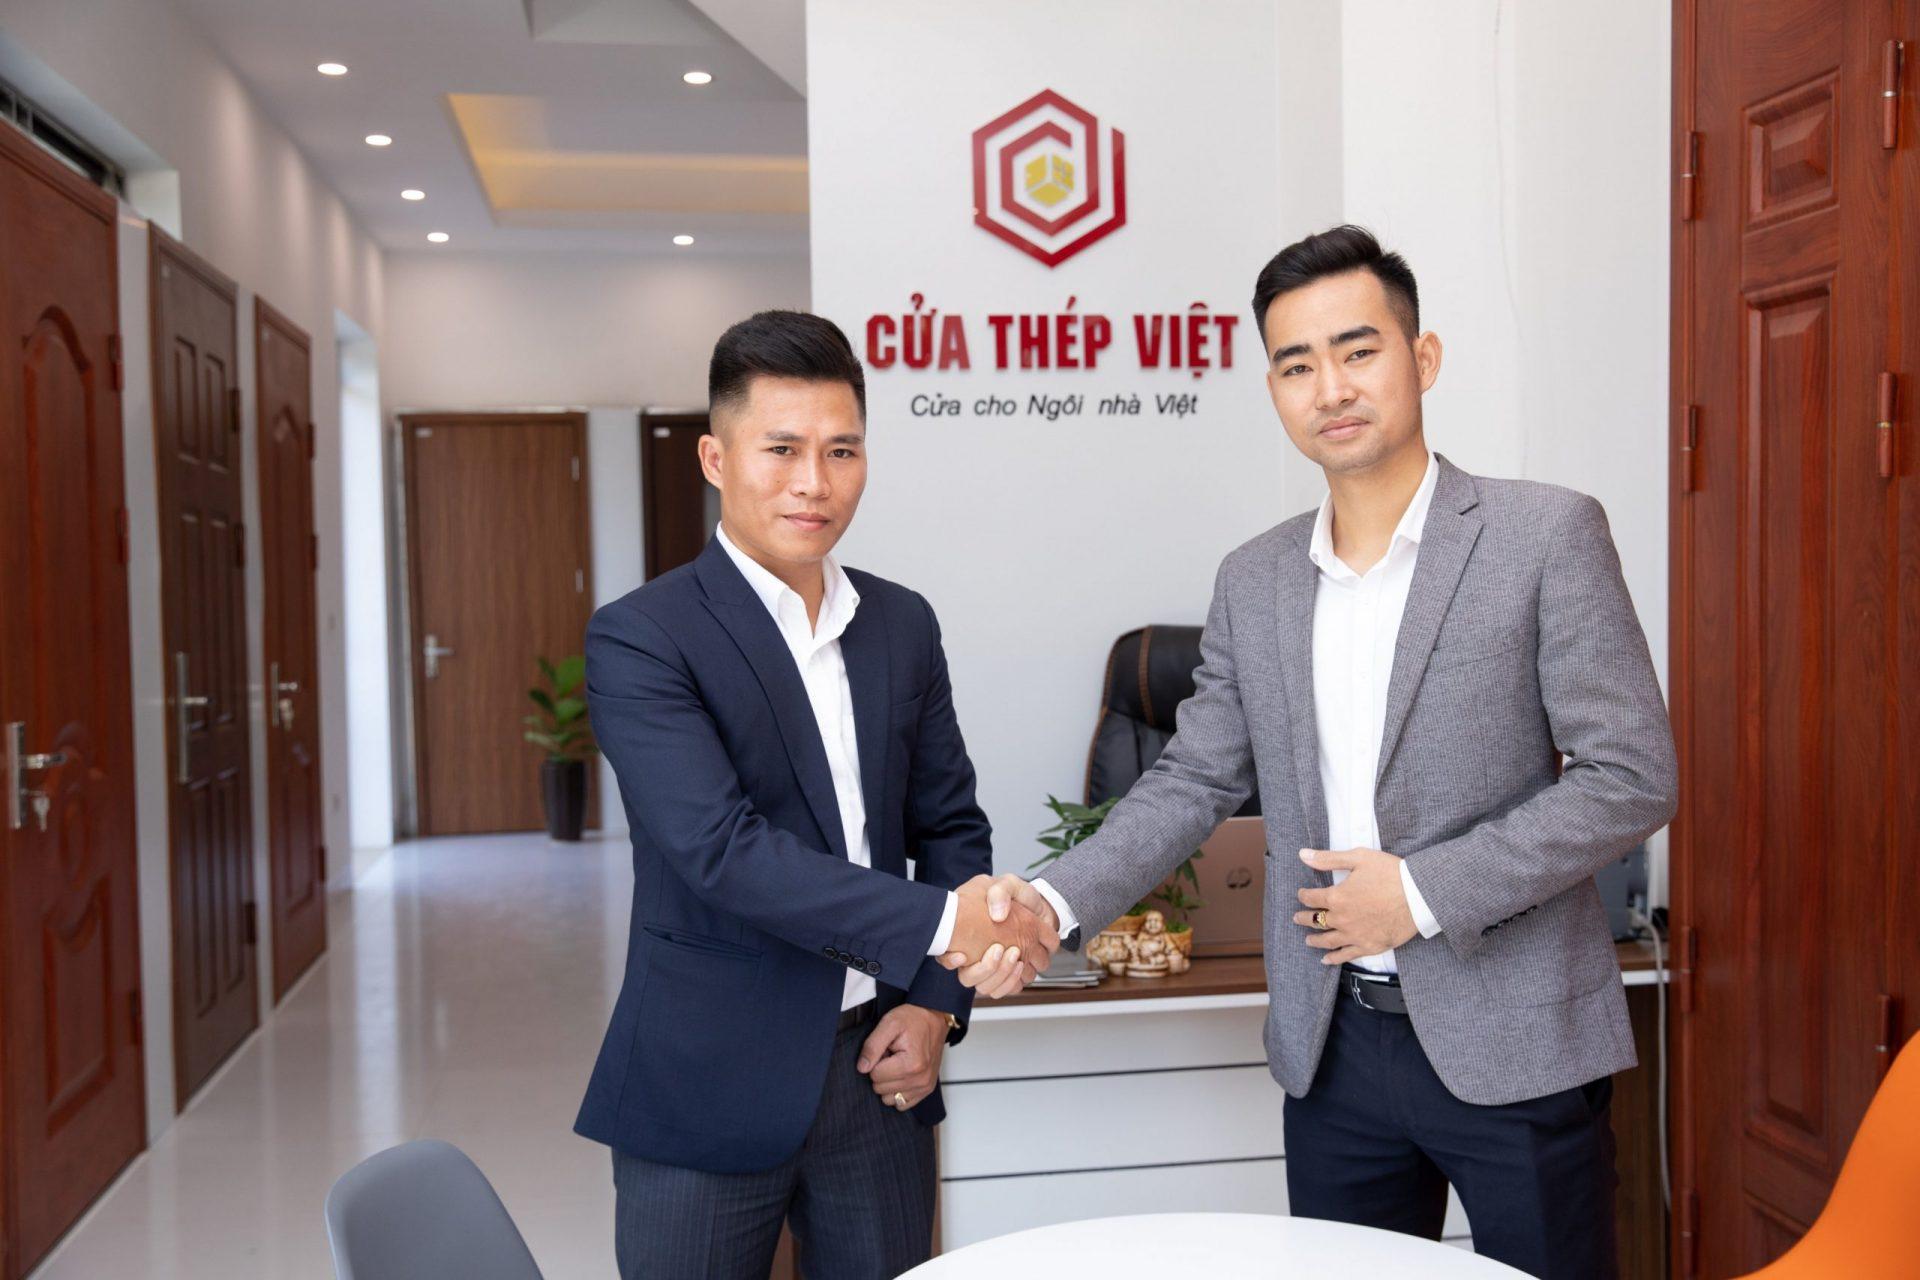 Giới thiệu về công ty CP Cửa Thép Việt